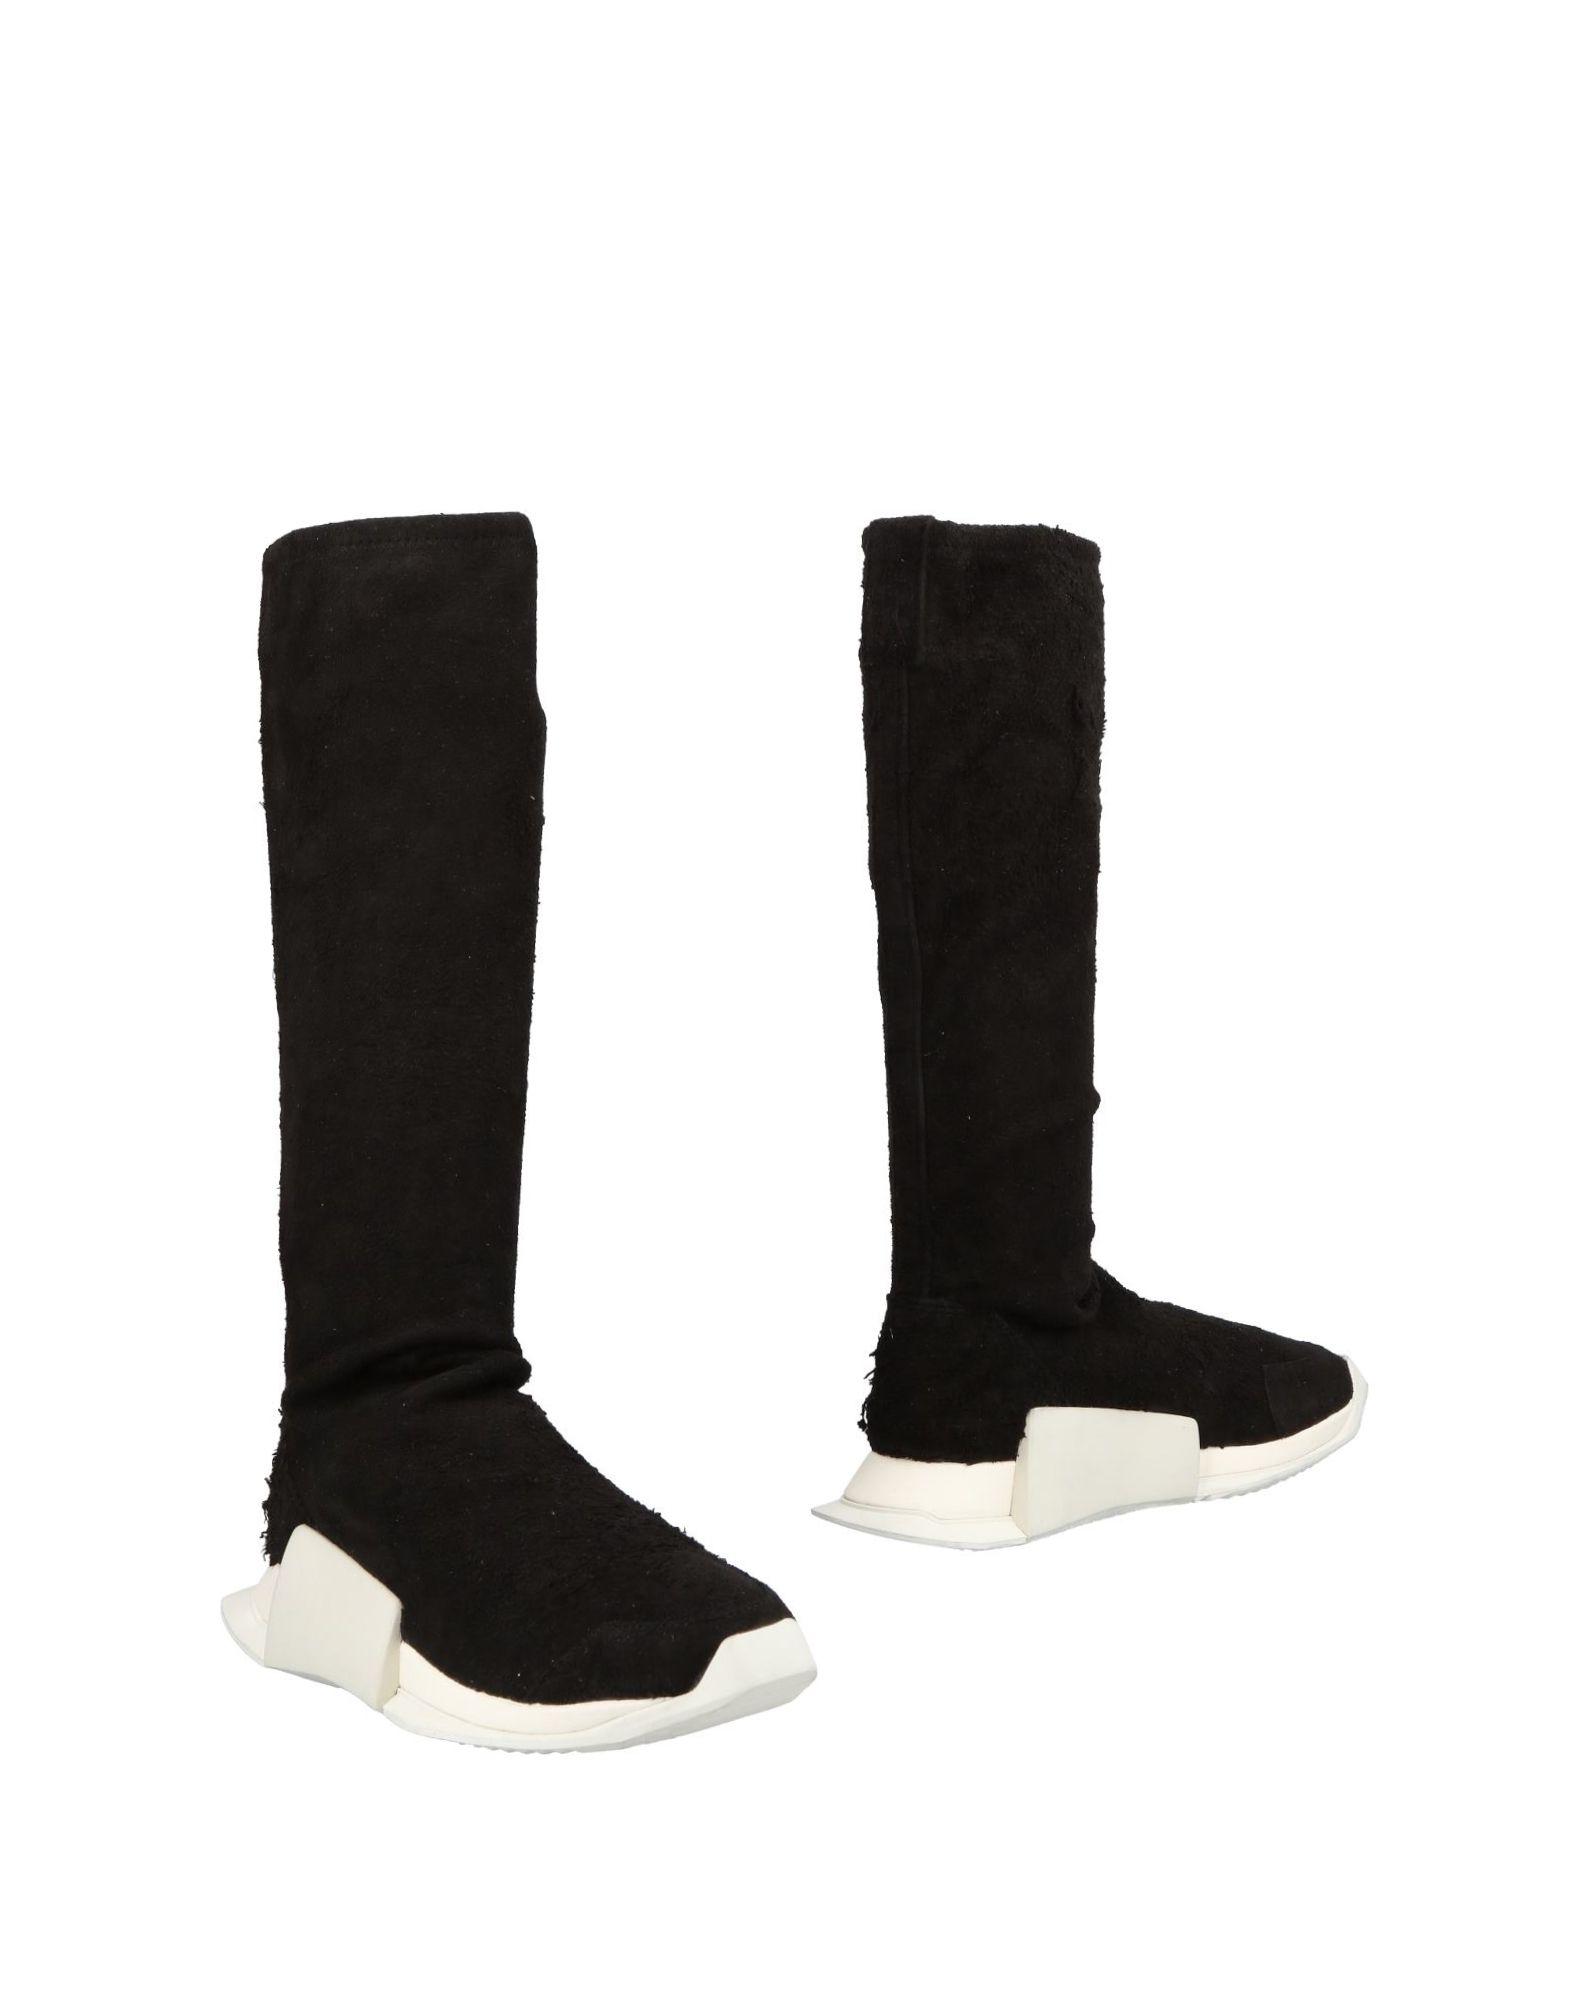 Rick Owens X Adidas Stiefelette Herren  11495194OU Gute Qualität beliebte Schuhe